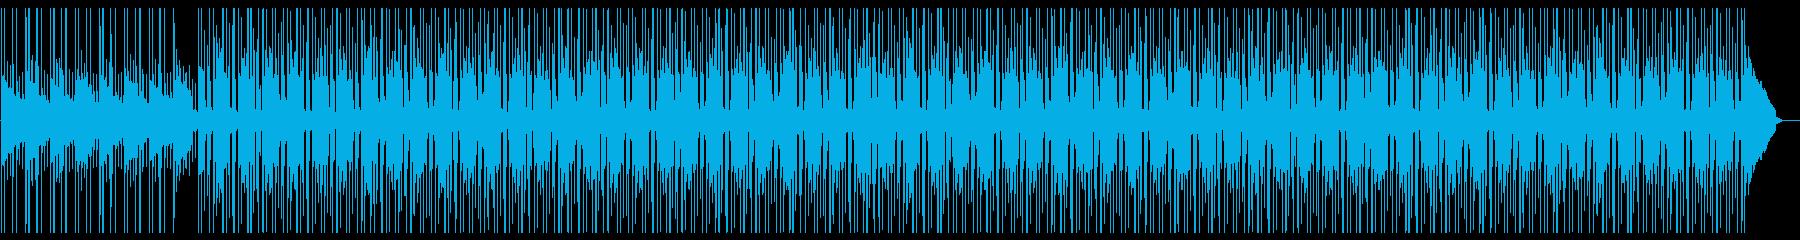 Lofiハープの悲しいメロディーBGMの再生済みの波形